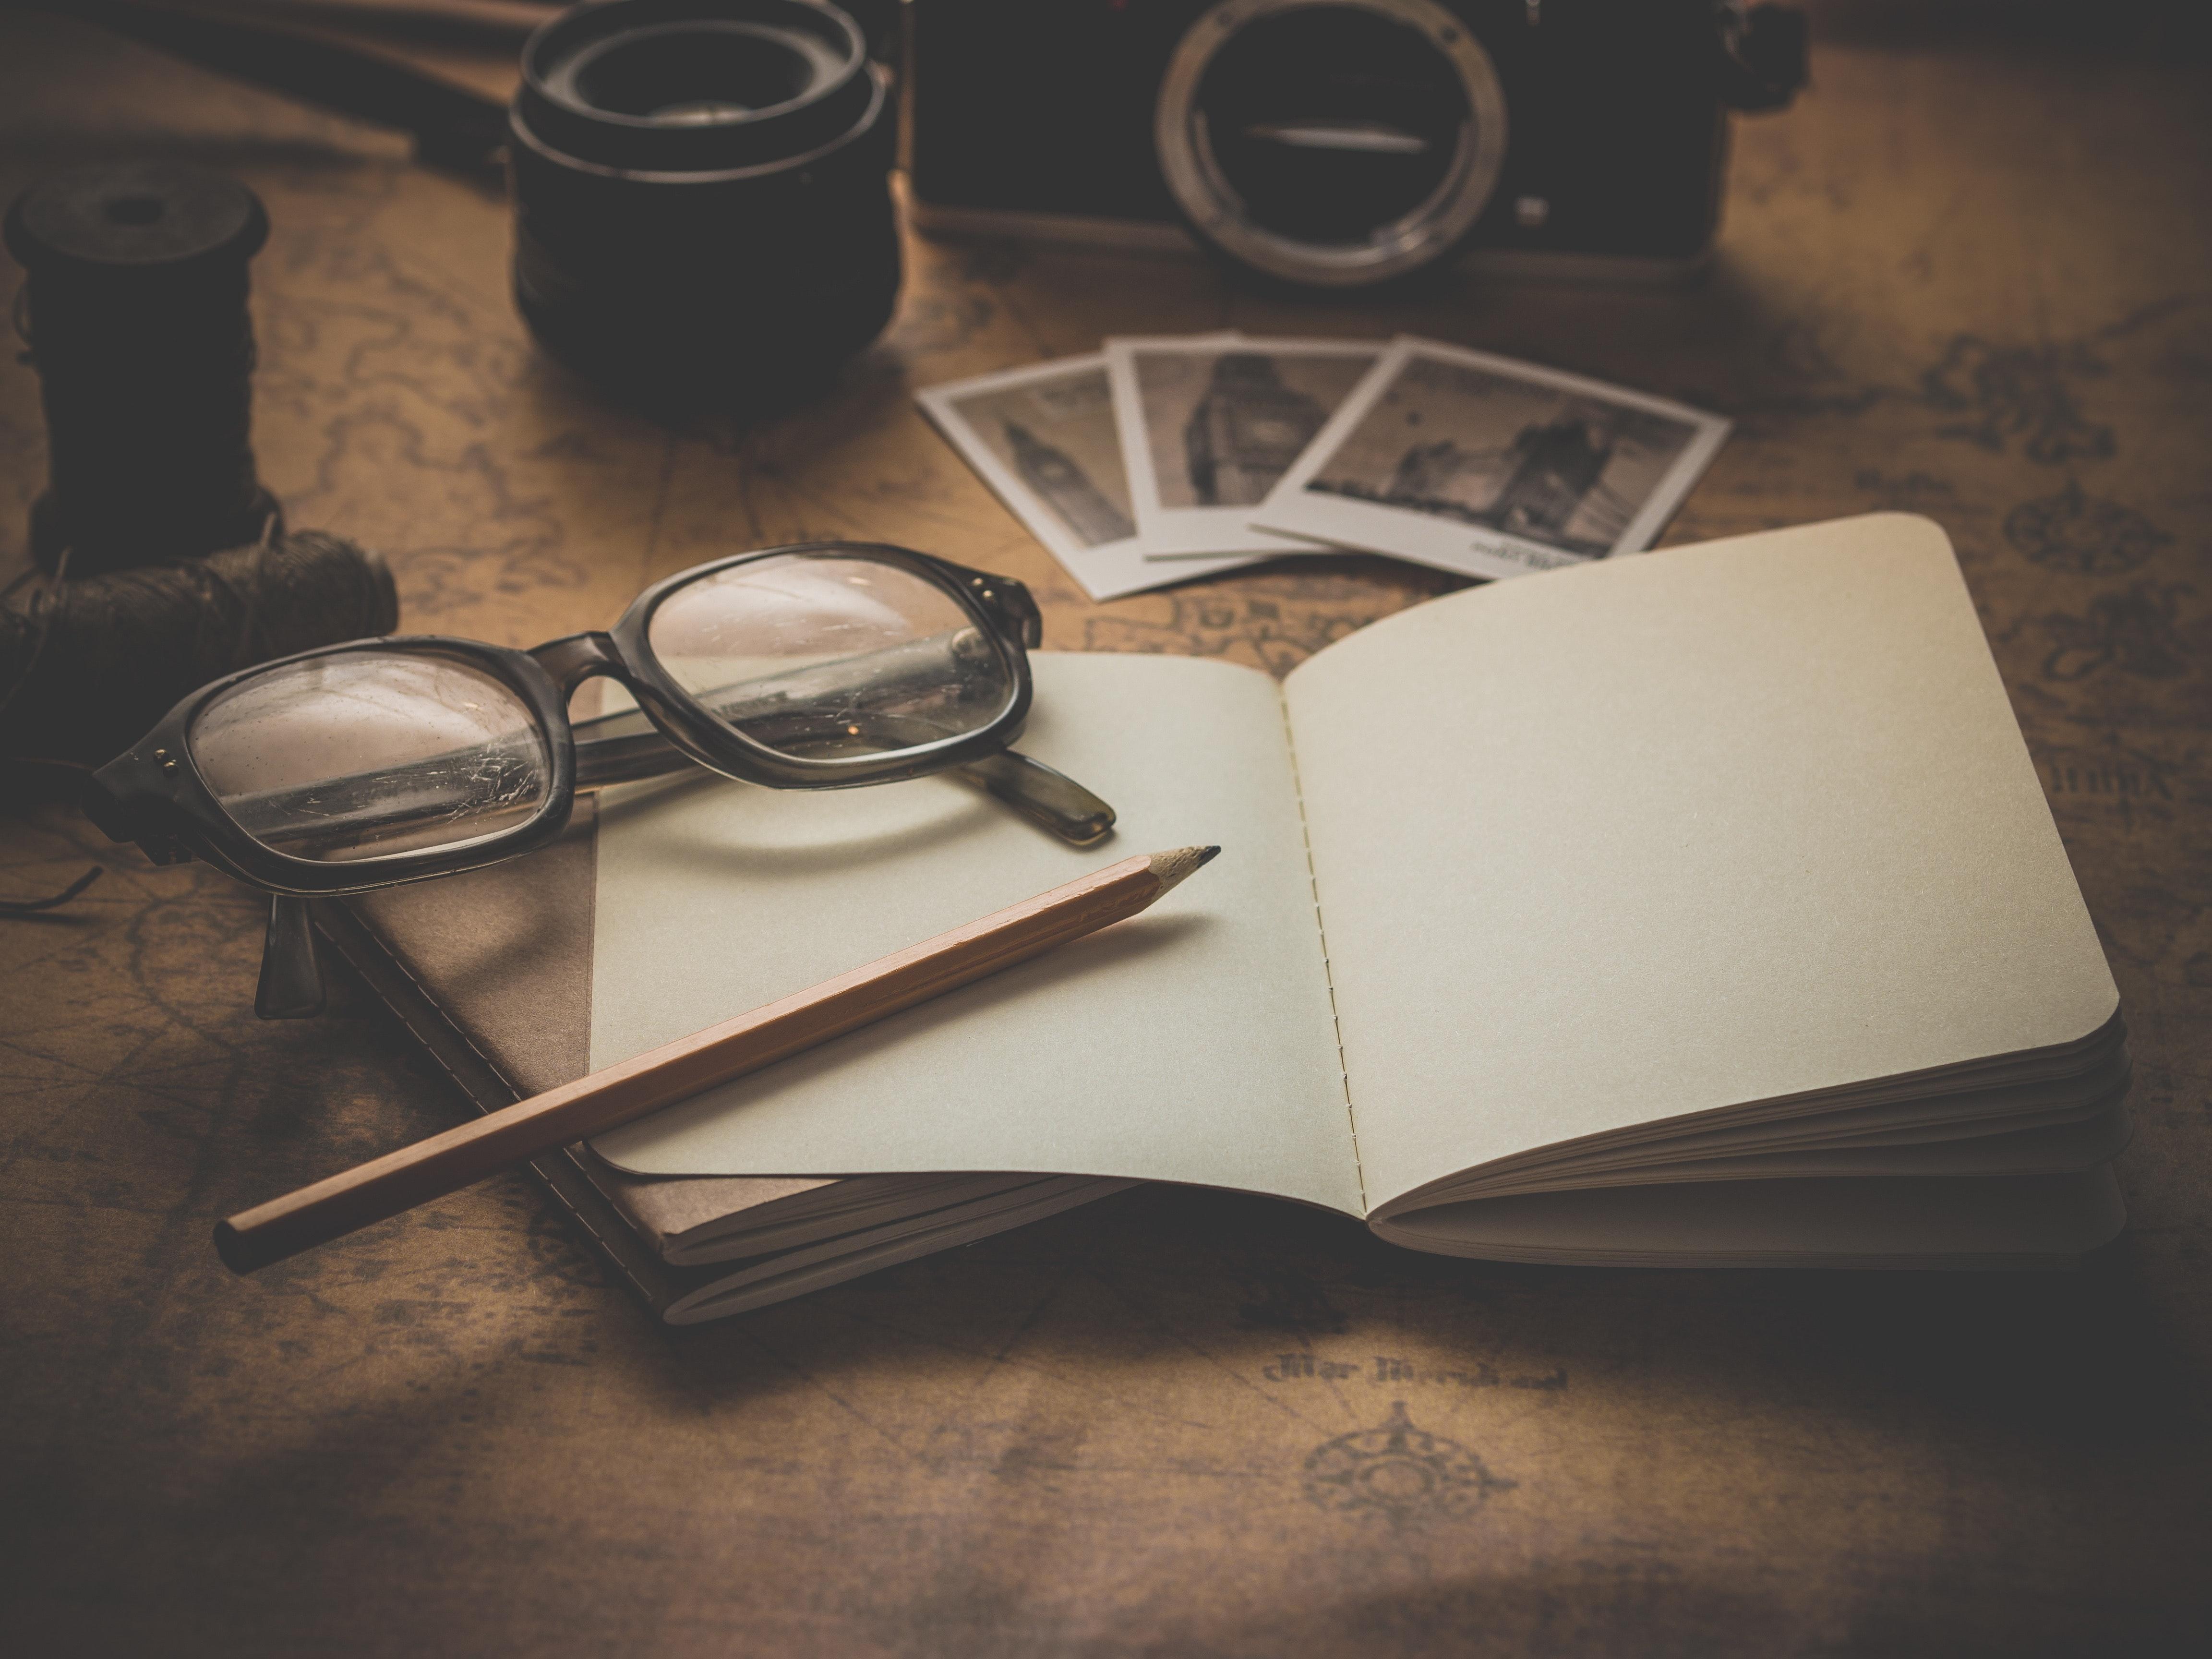 Scholarship essay - Buy essay from